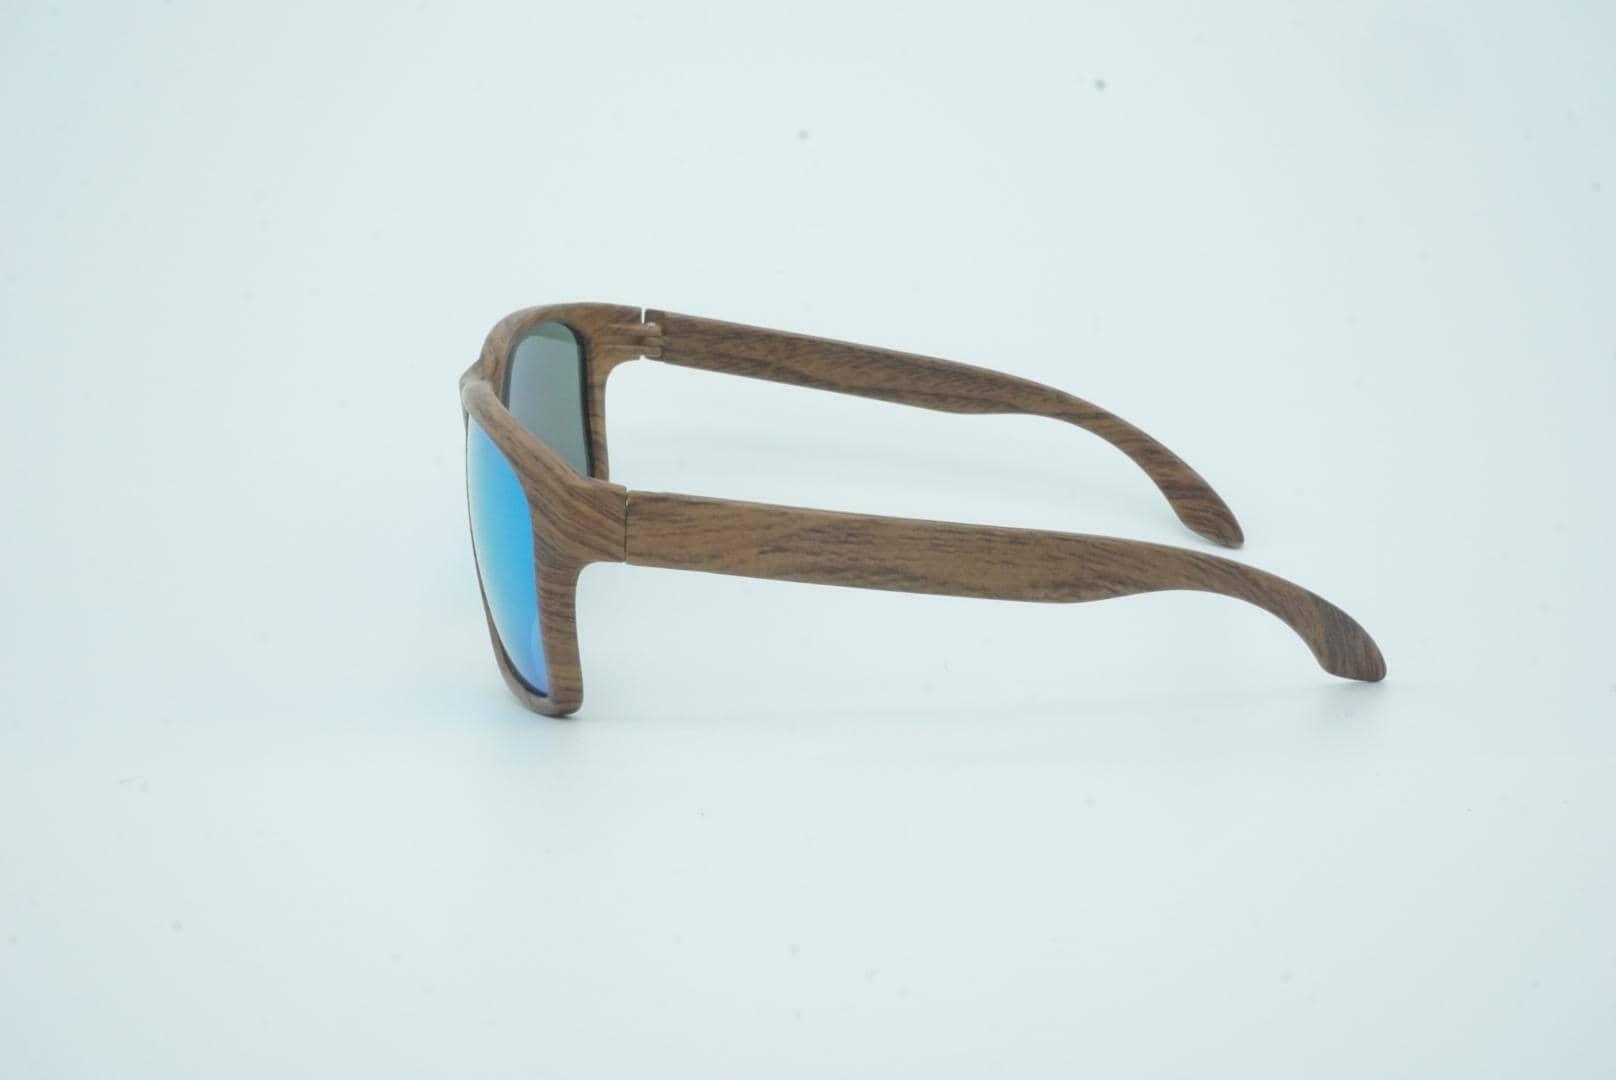 4Goodz Nice blue - houtlook zonnebril - blauw spiegelglas - Uv400